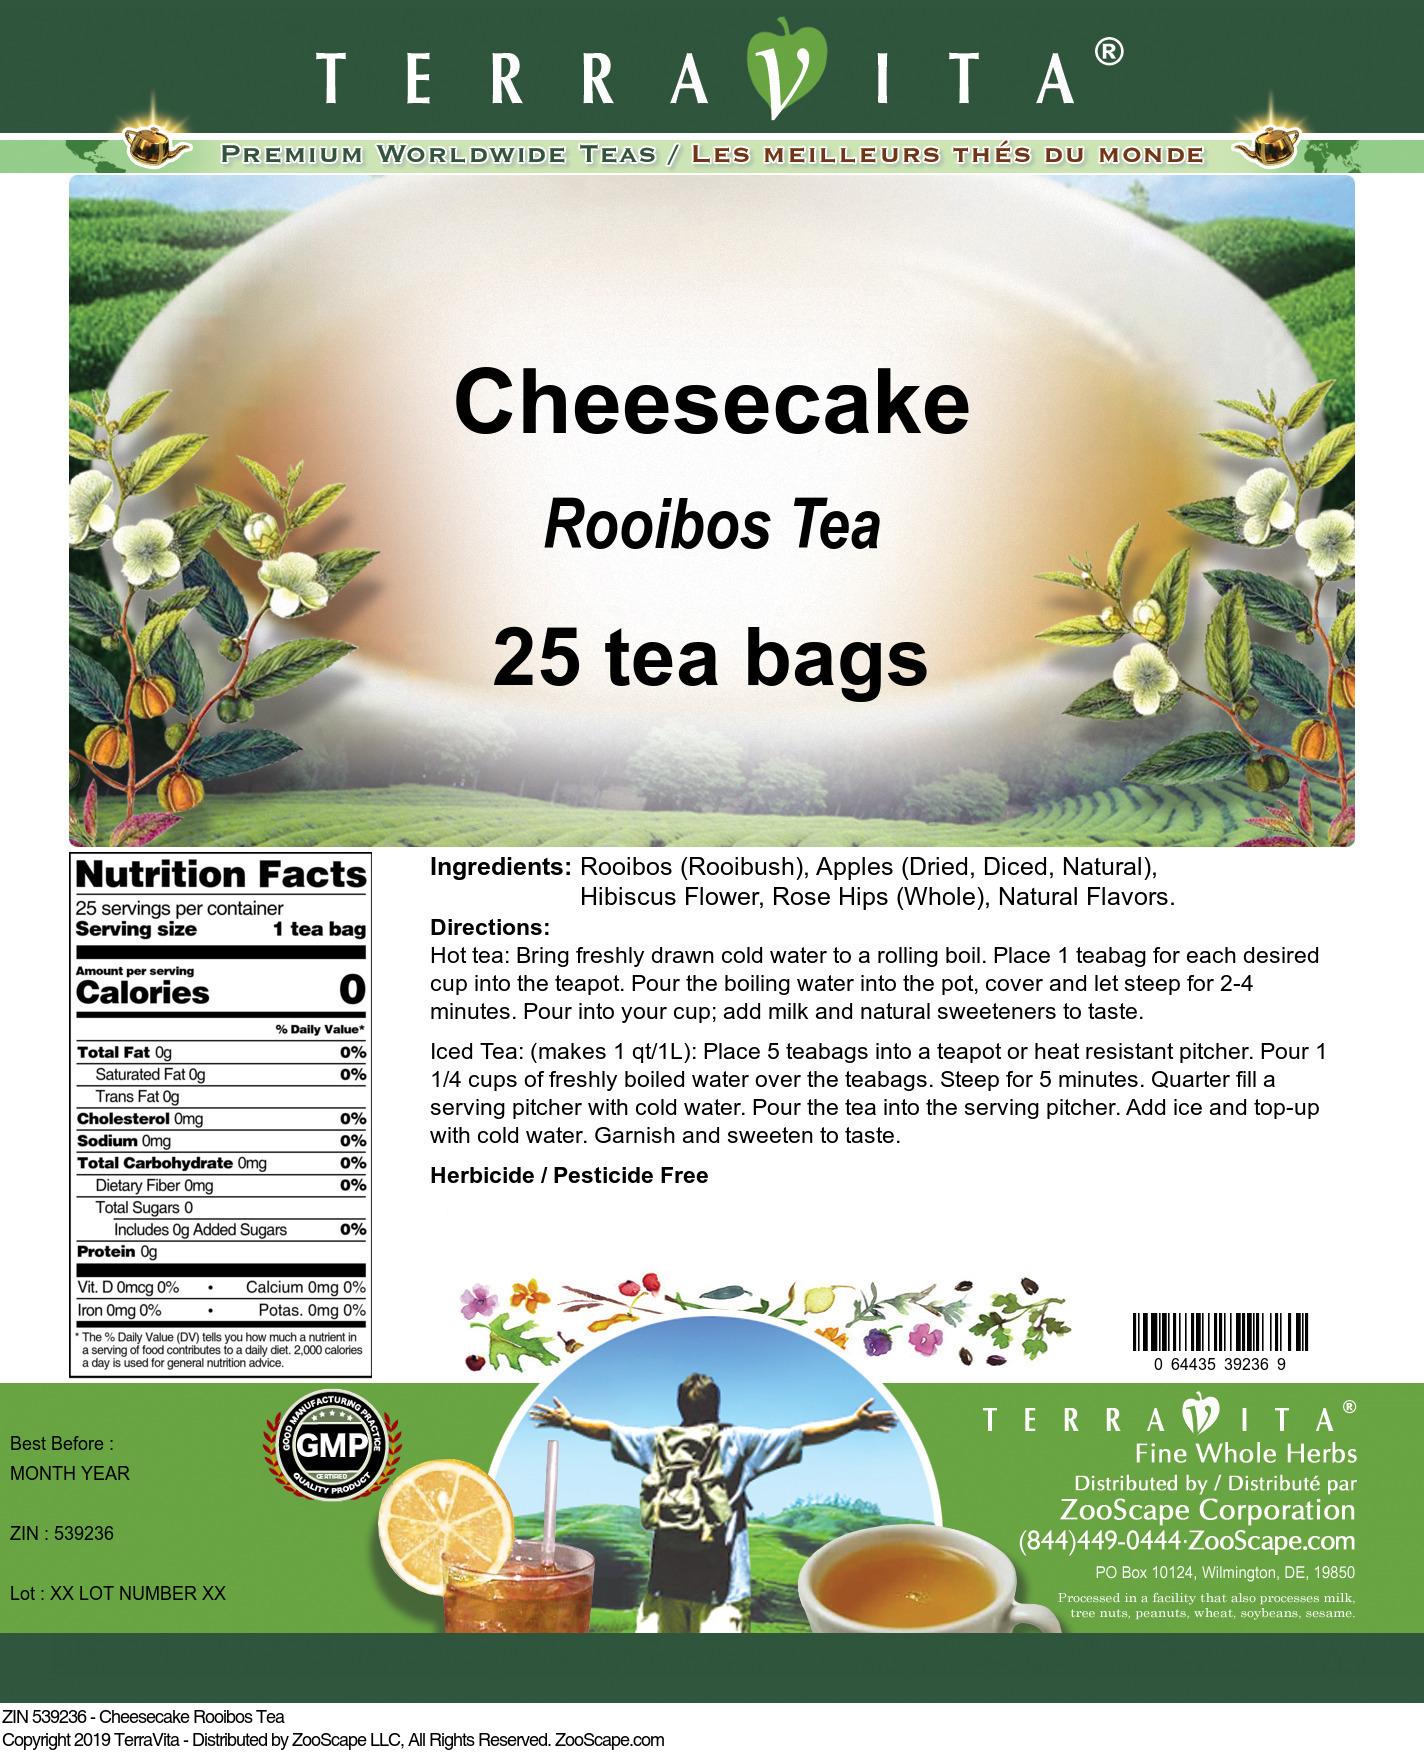 Cheesecake Rooibos Tea